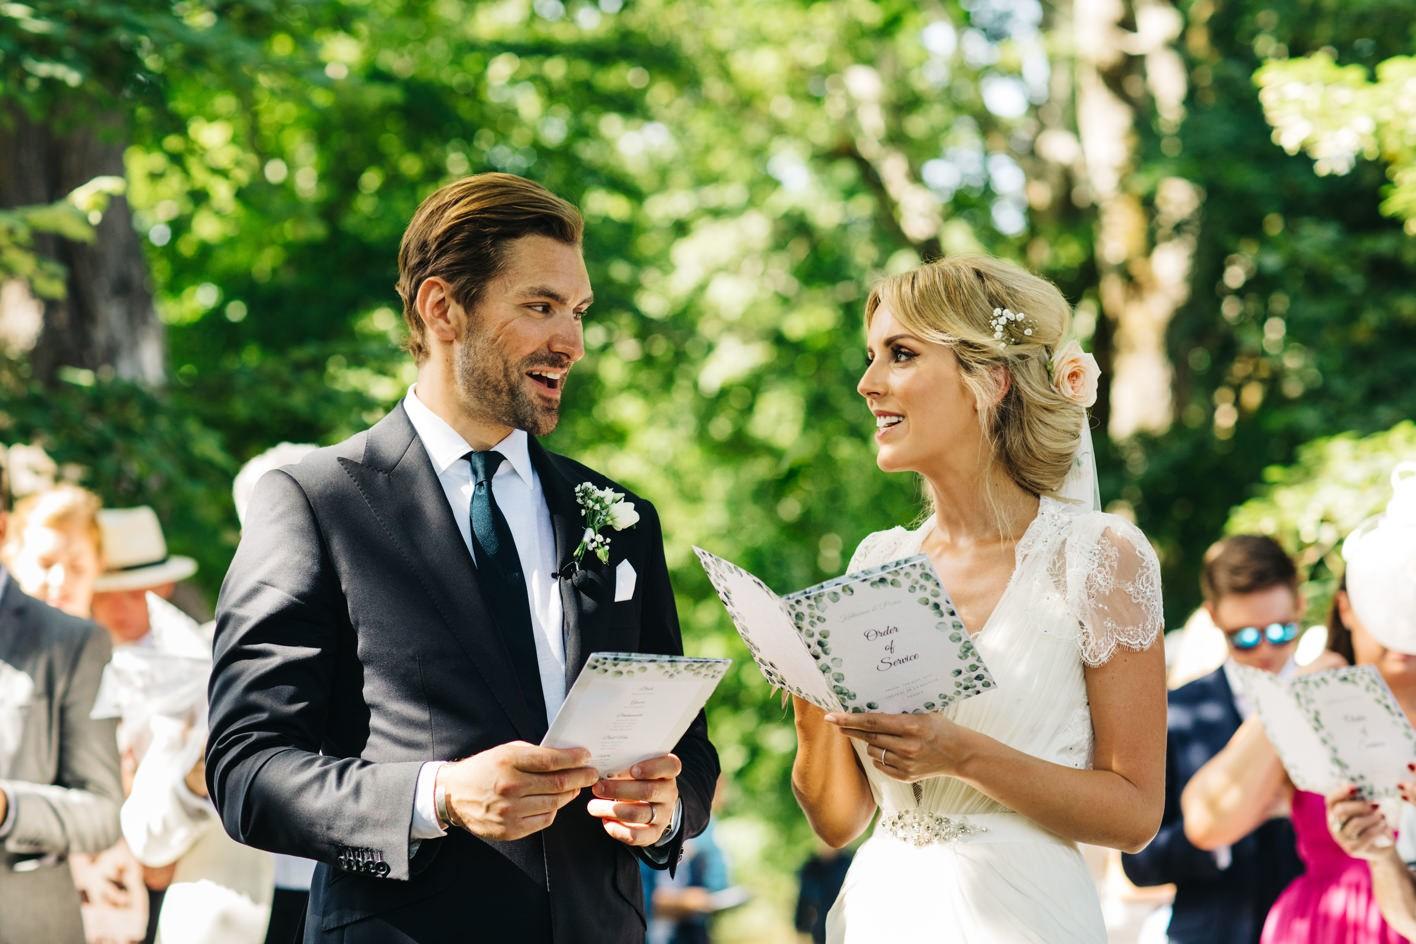 chateau de la bourlie wedding ceremony